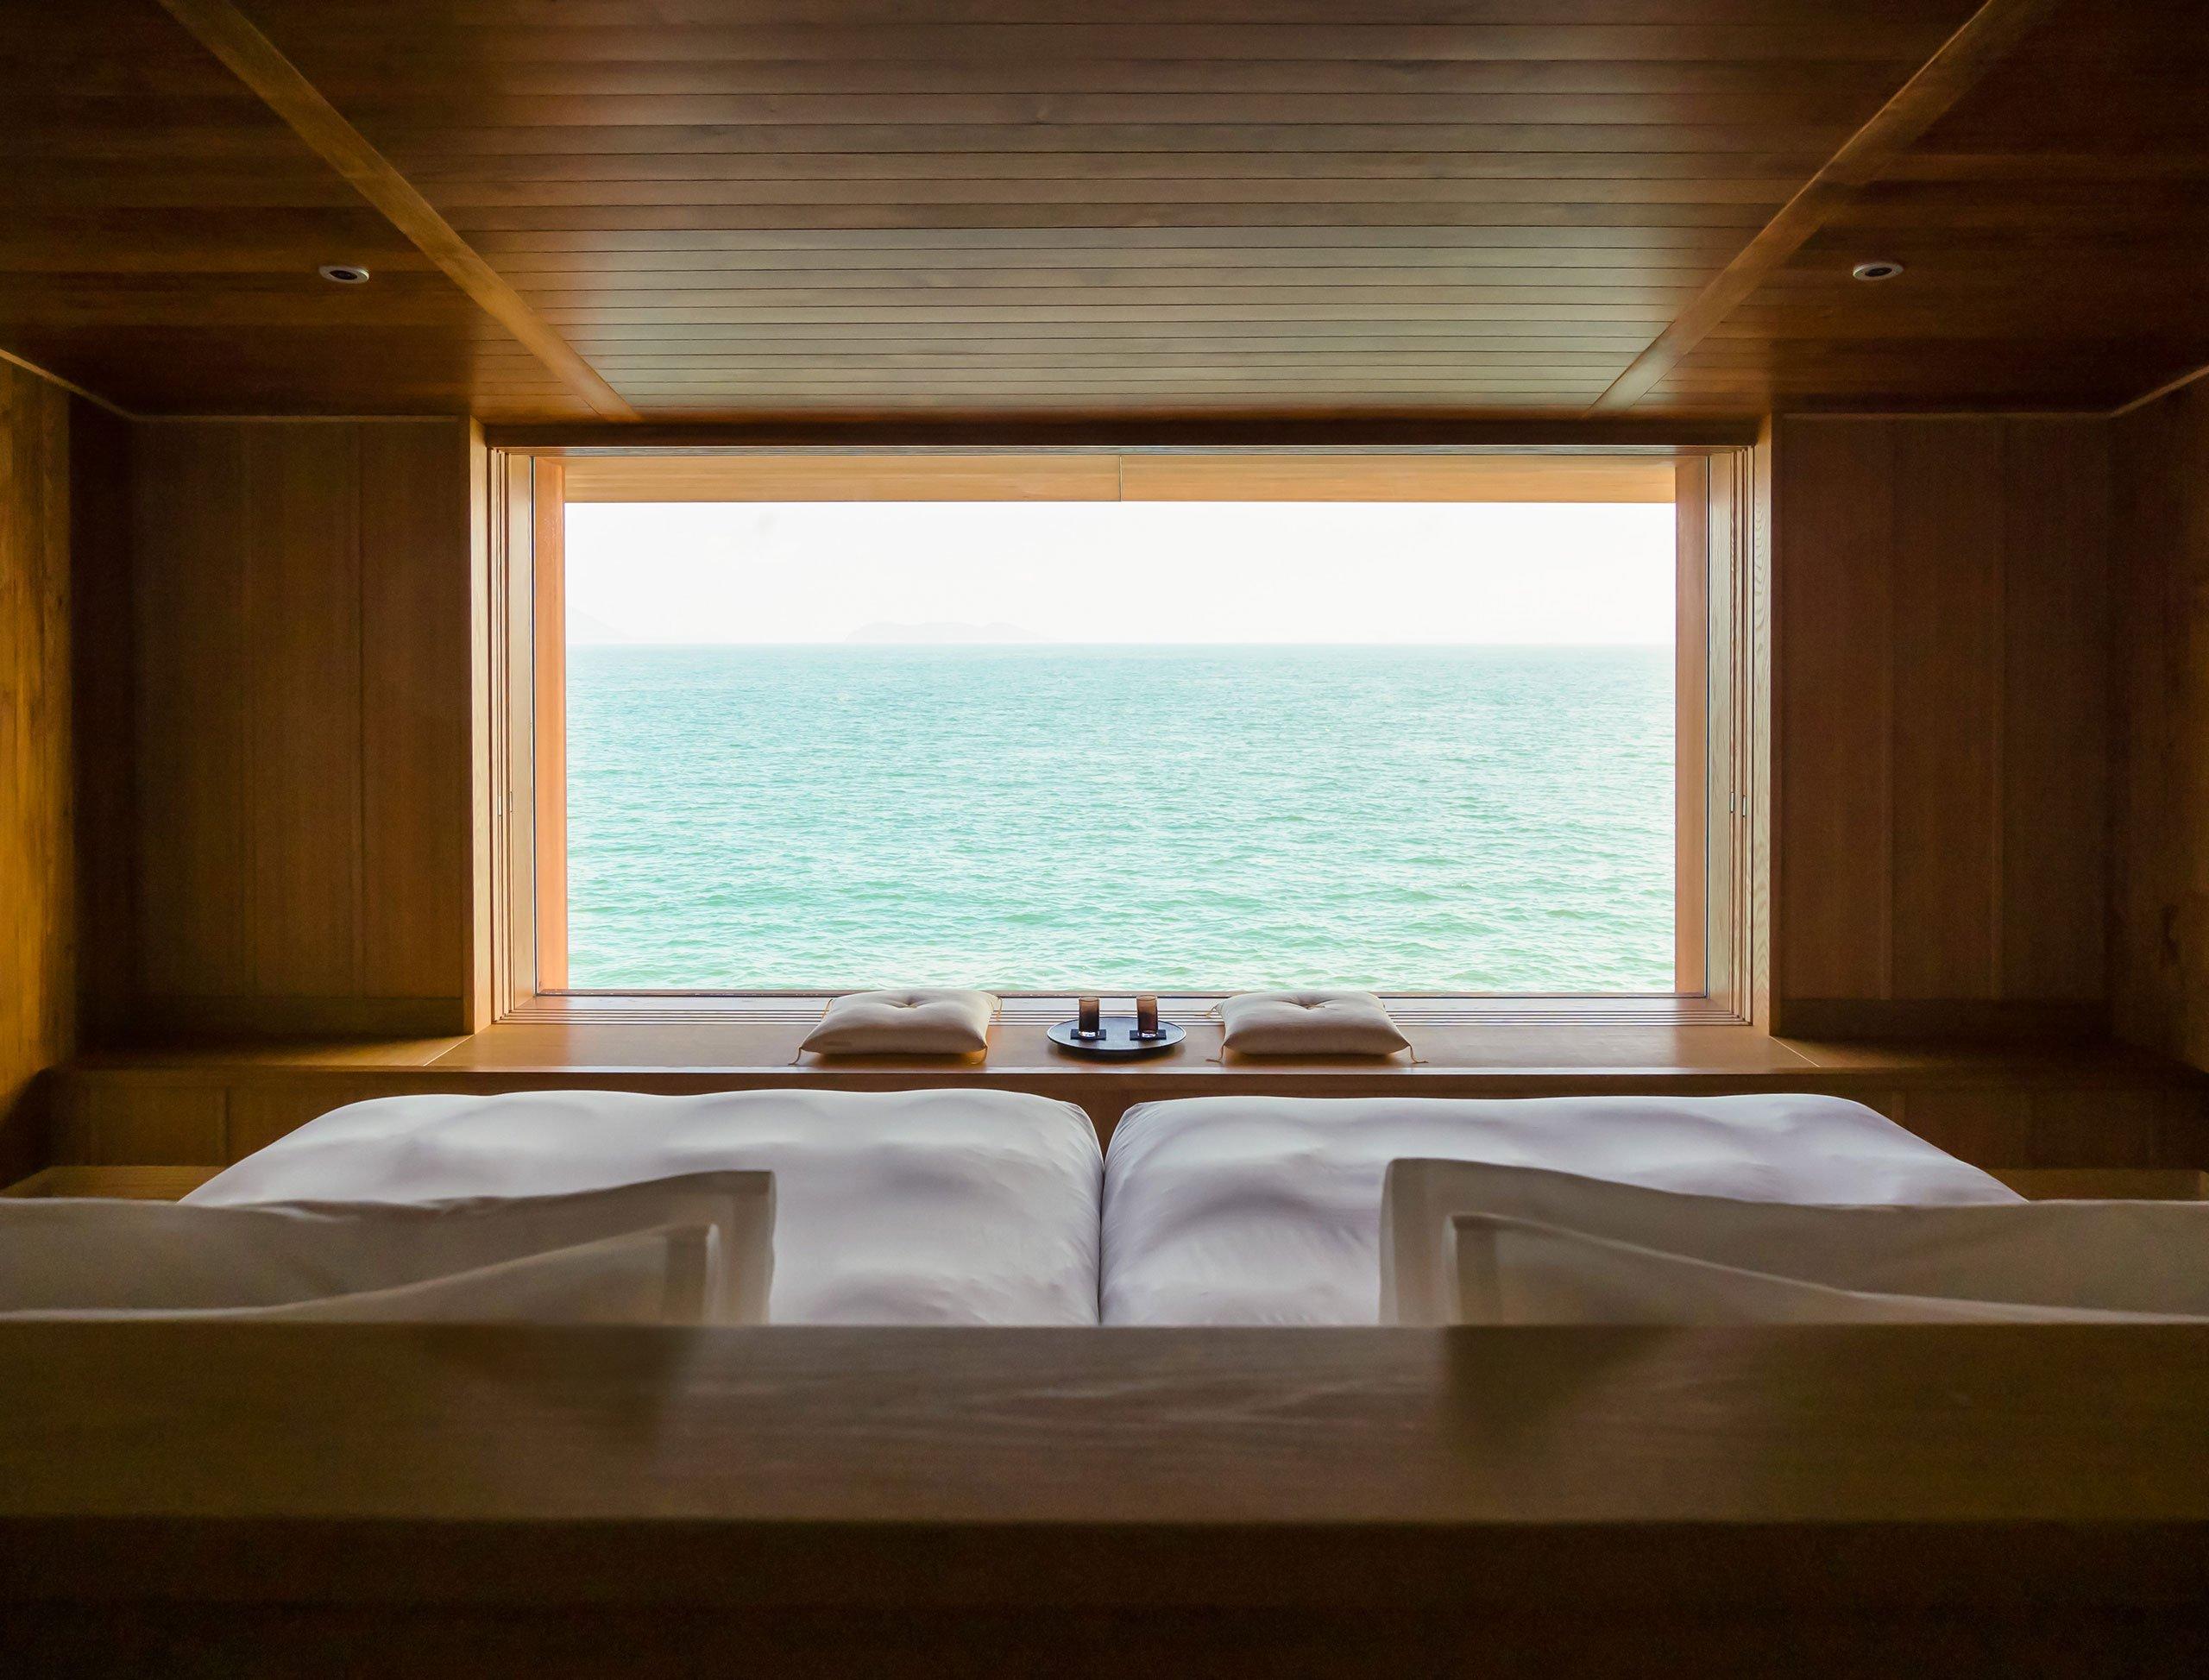 Guntu, il floating hotel che naviga le coste giapponesi | Collater.al 13